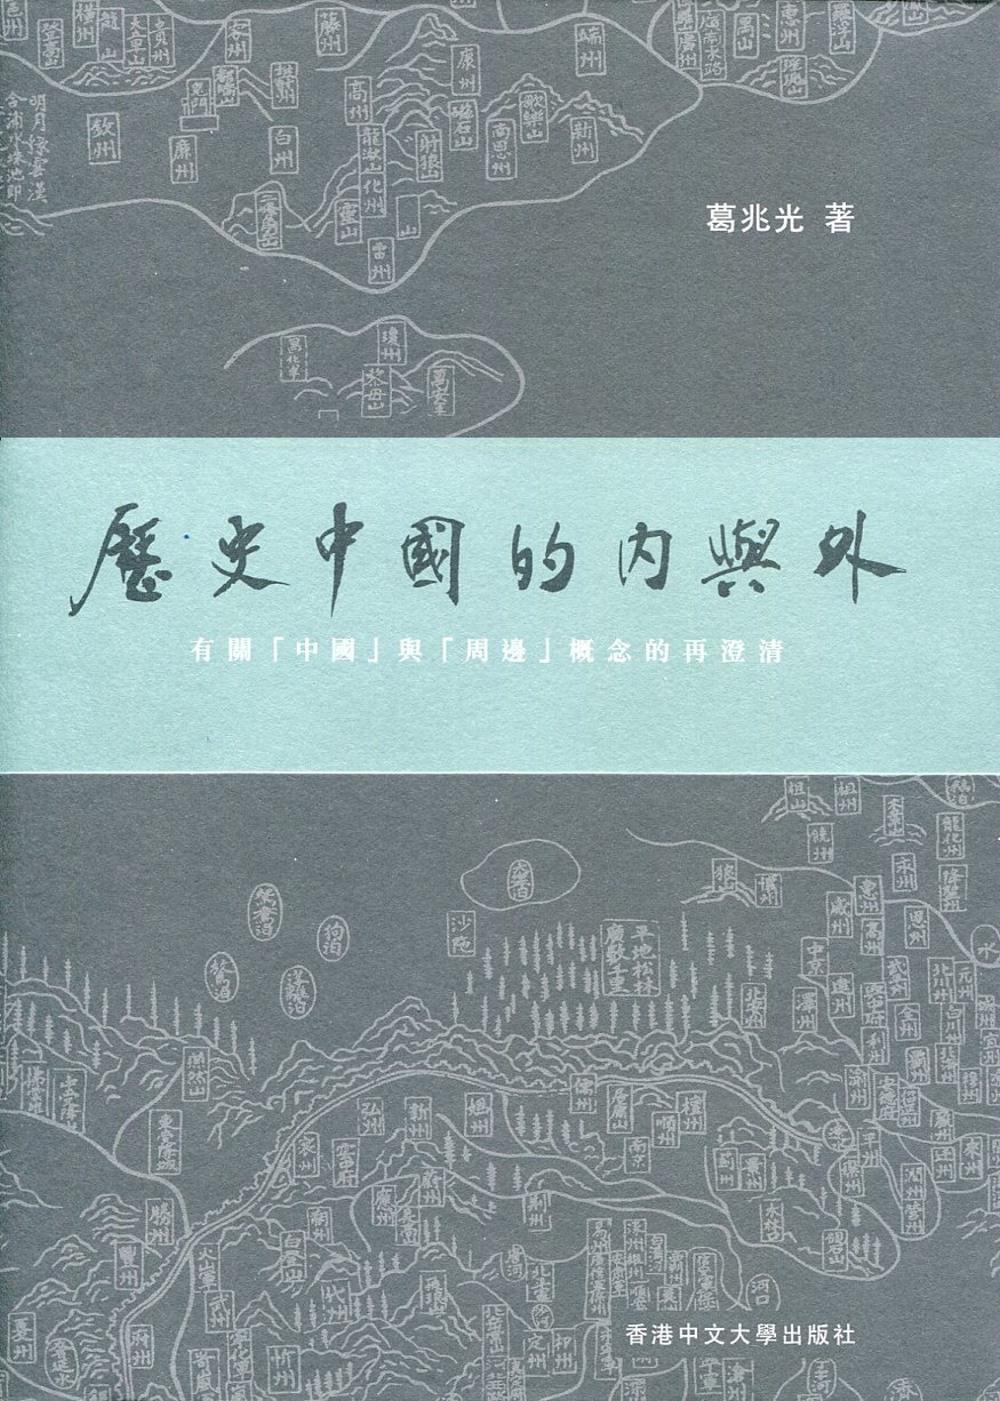 歷史中國的內與外...